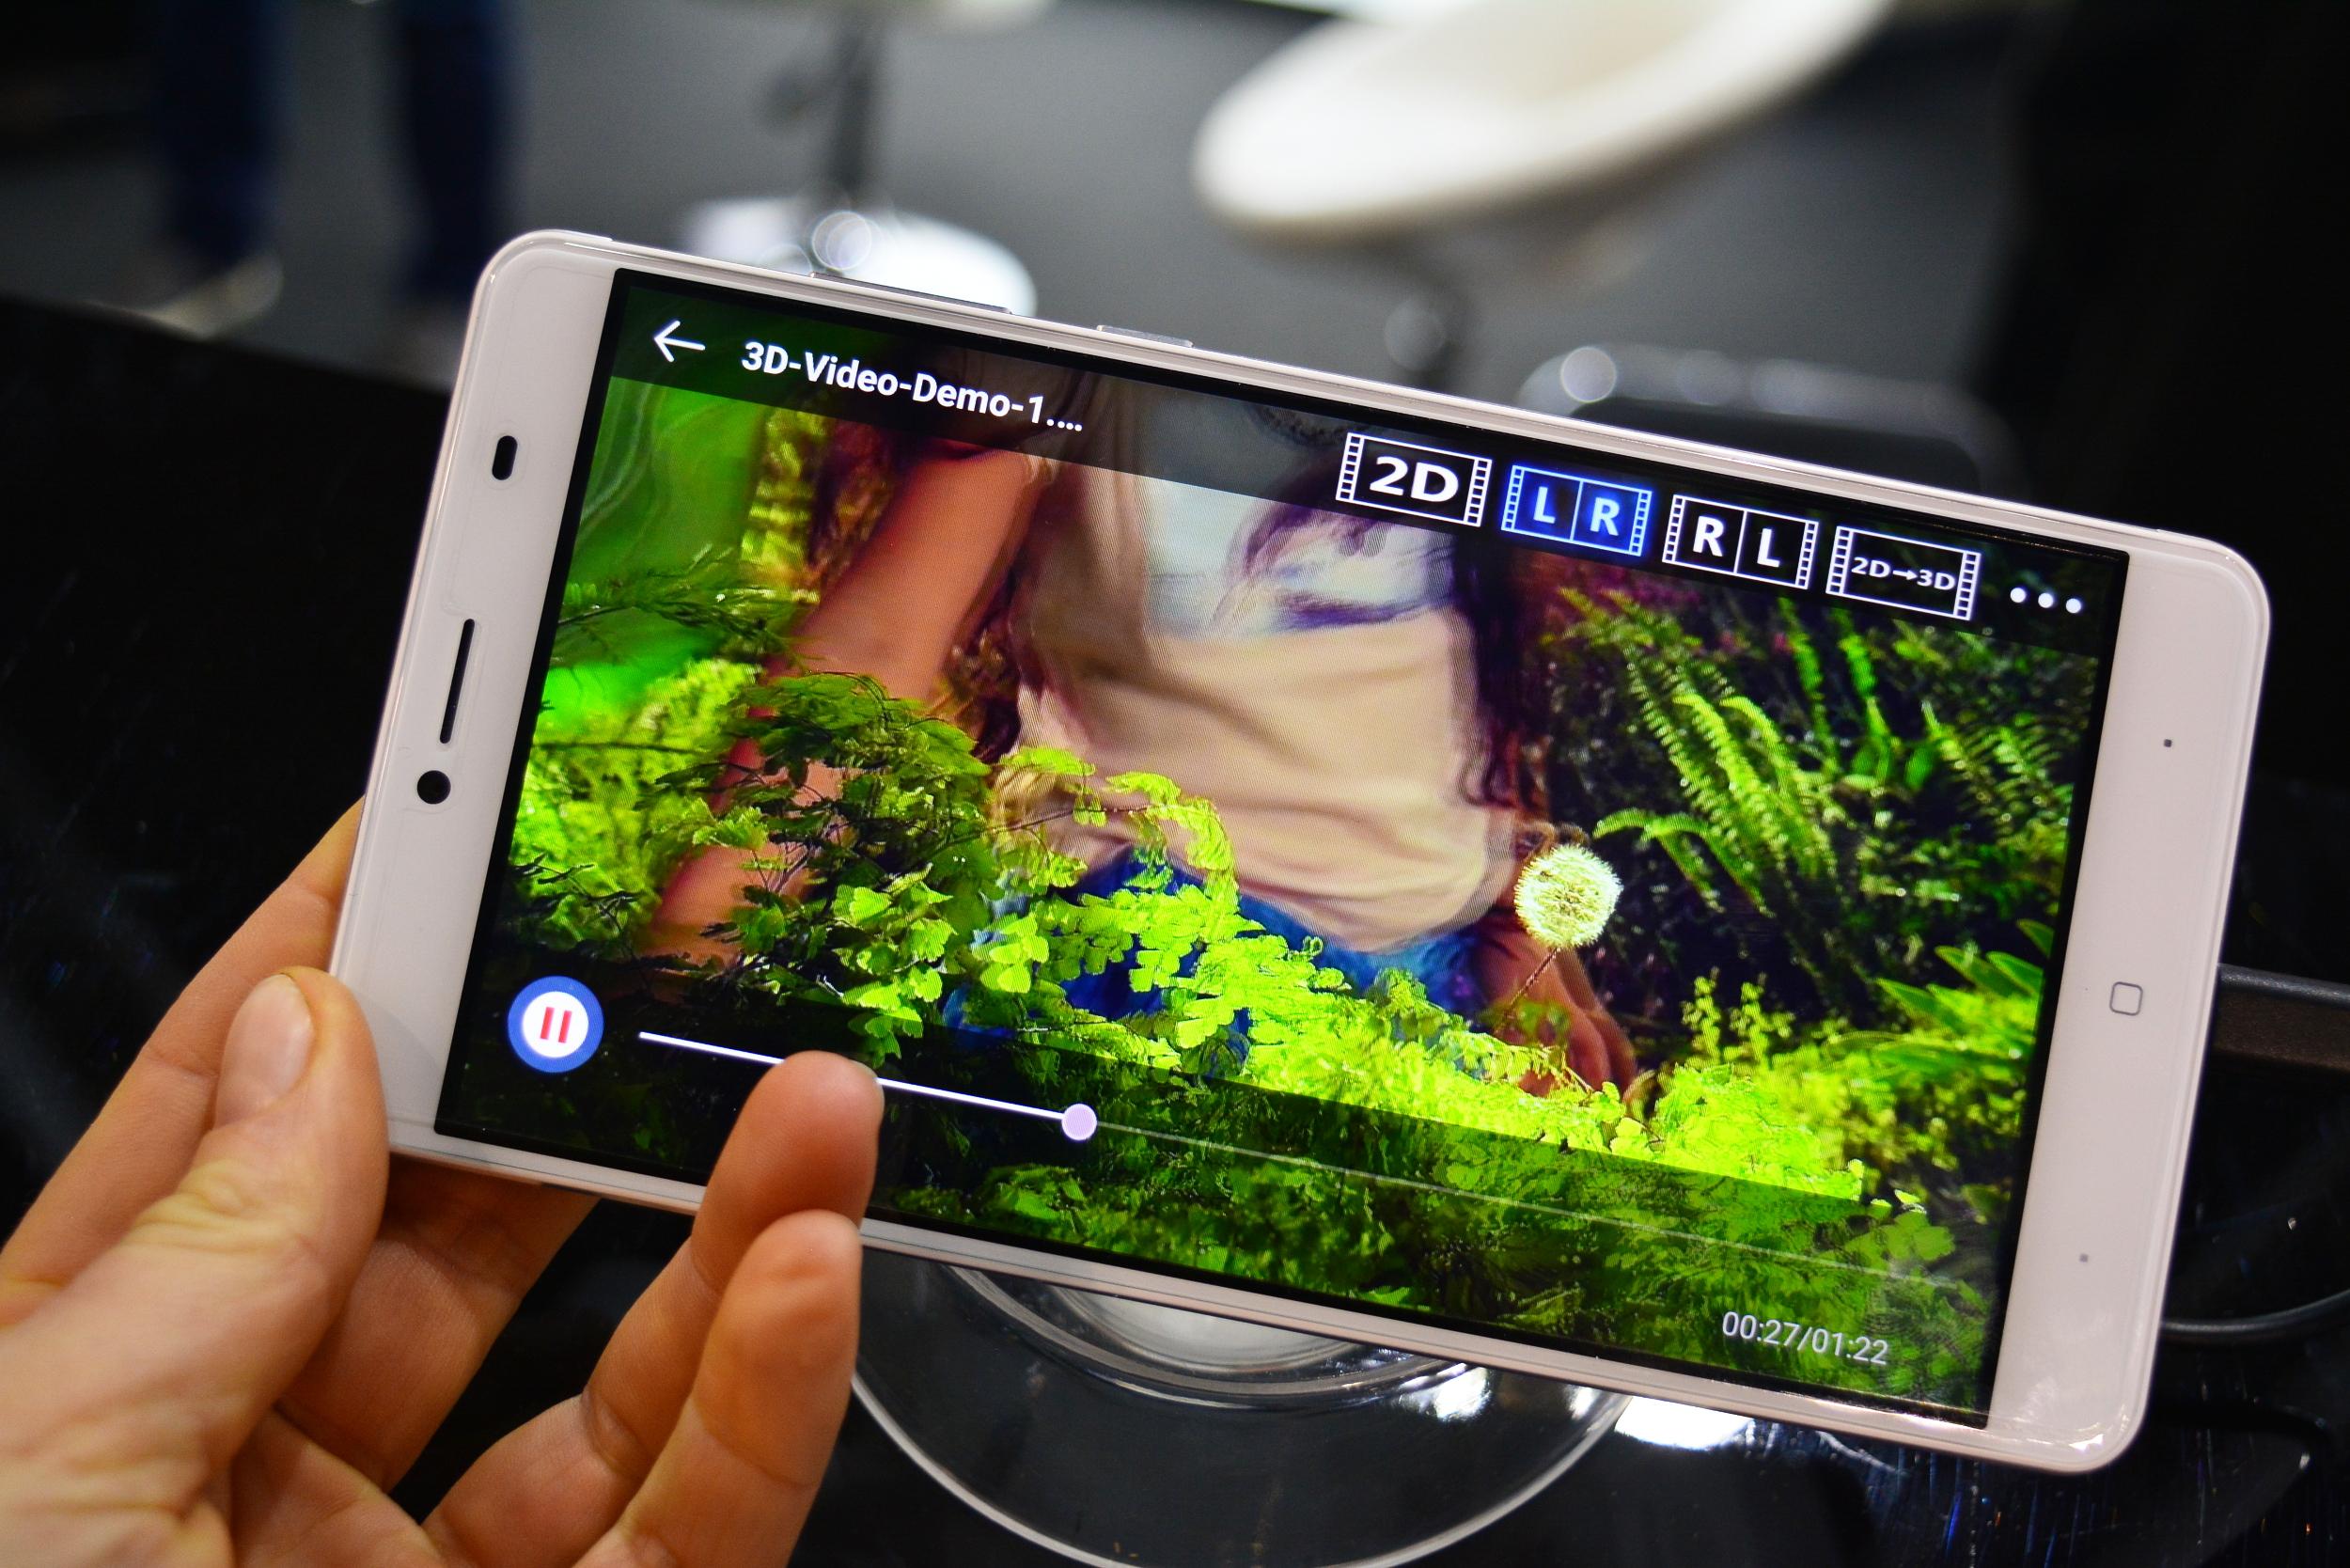 технологии 7 тенденции пред мобилните технологии до края на 2017 г. А1 Блог